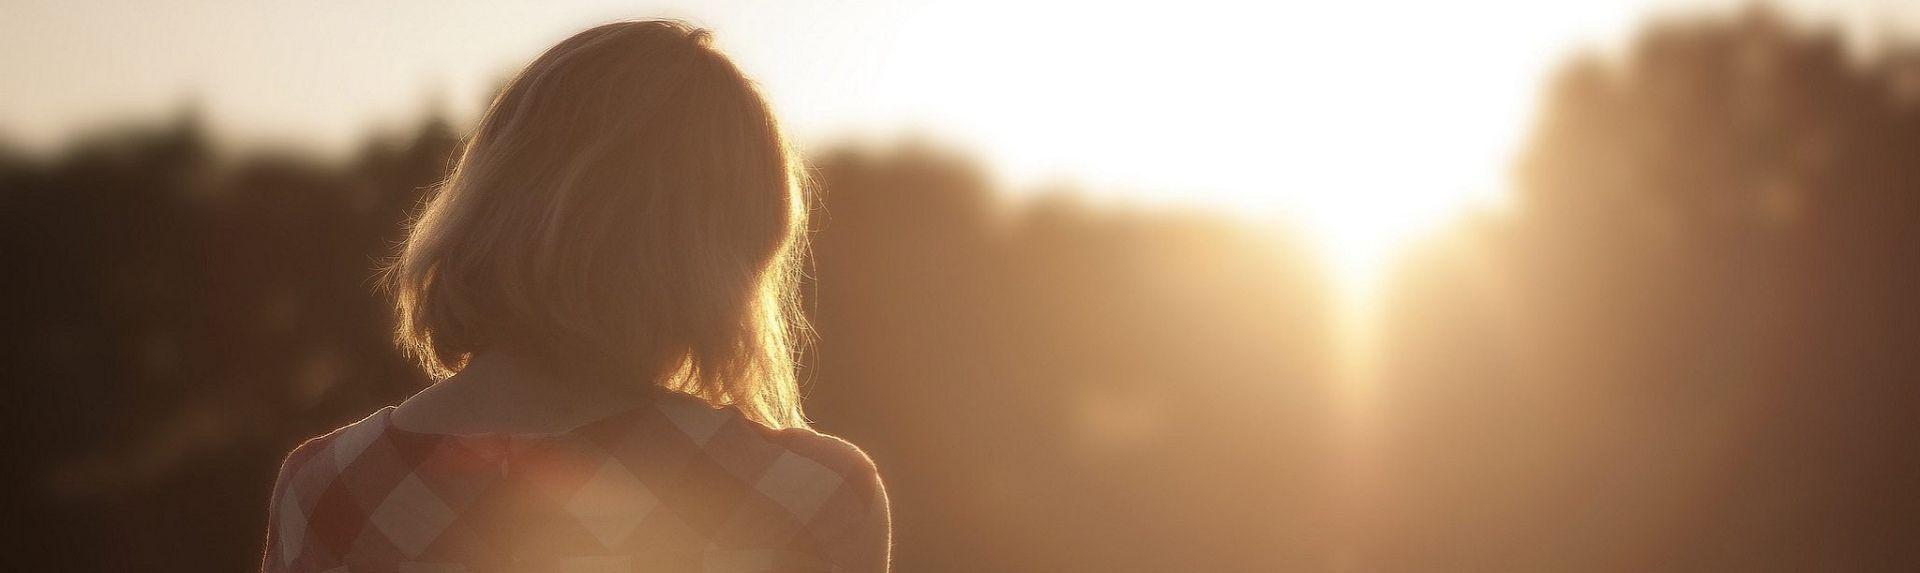 Я и моя менопауза: истории взаимоотношений